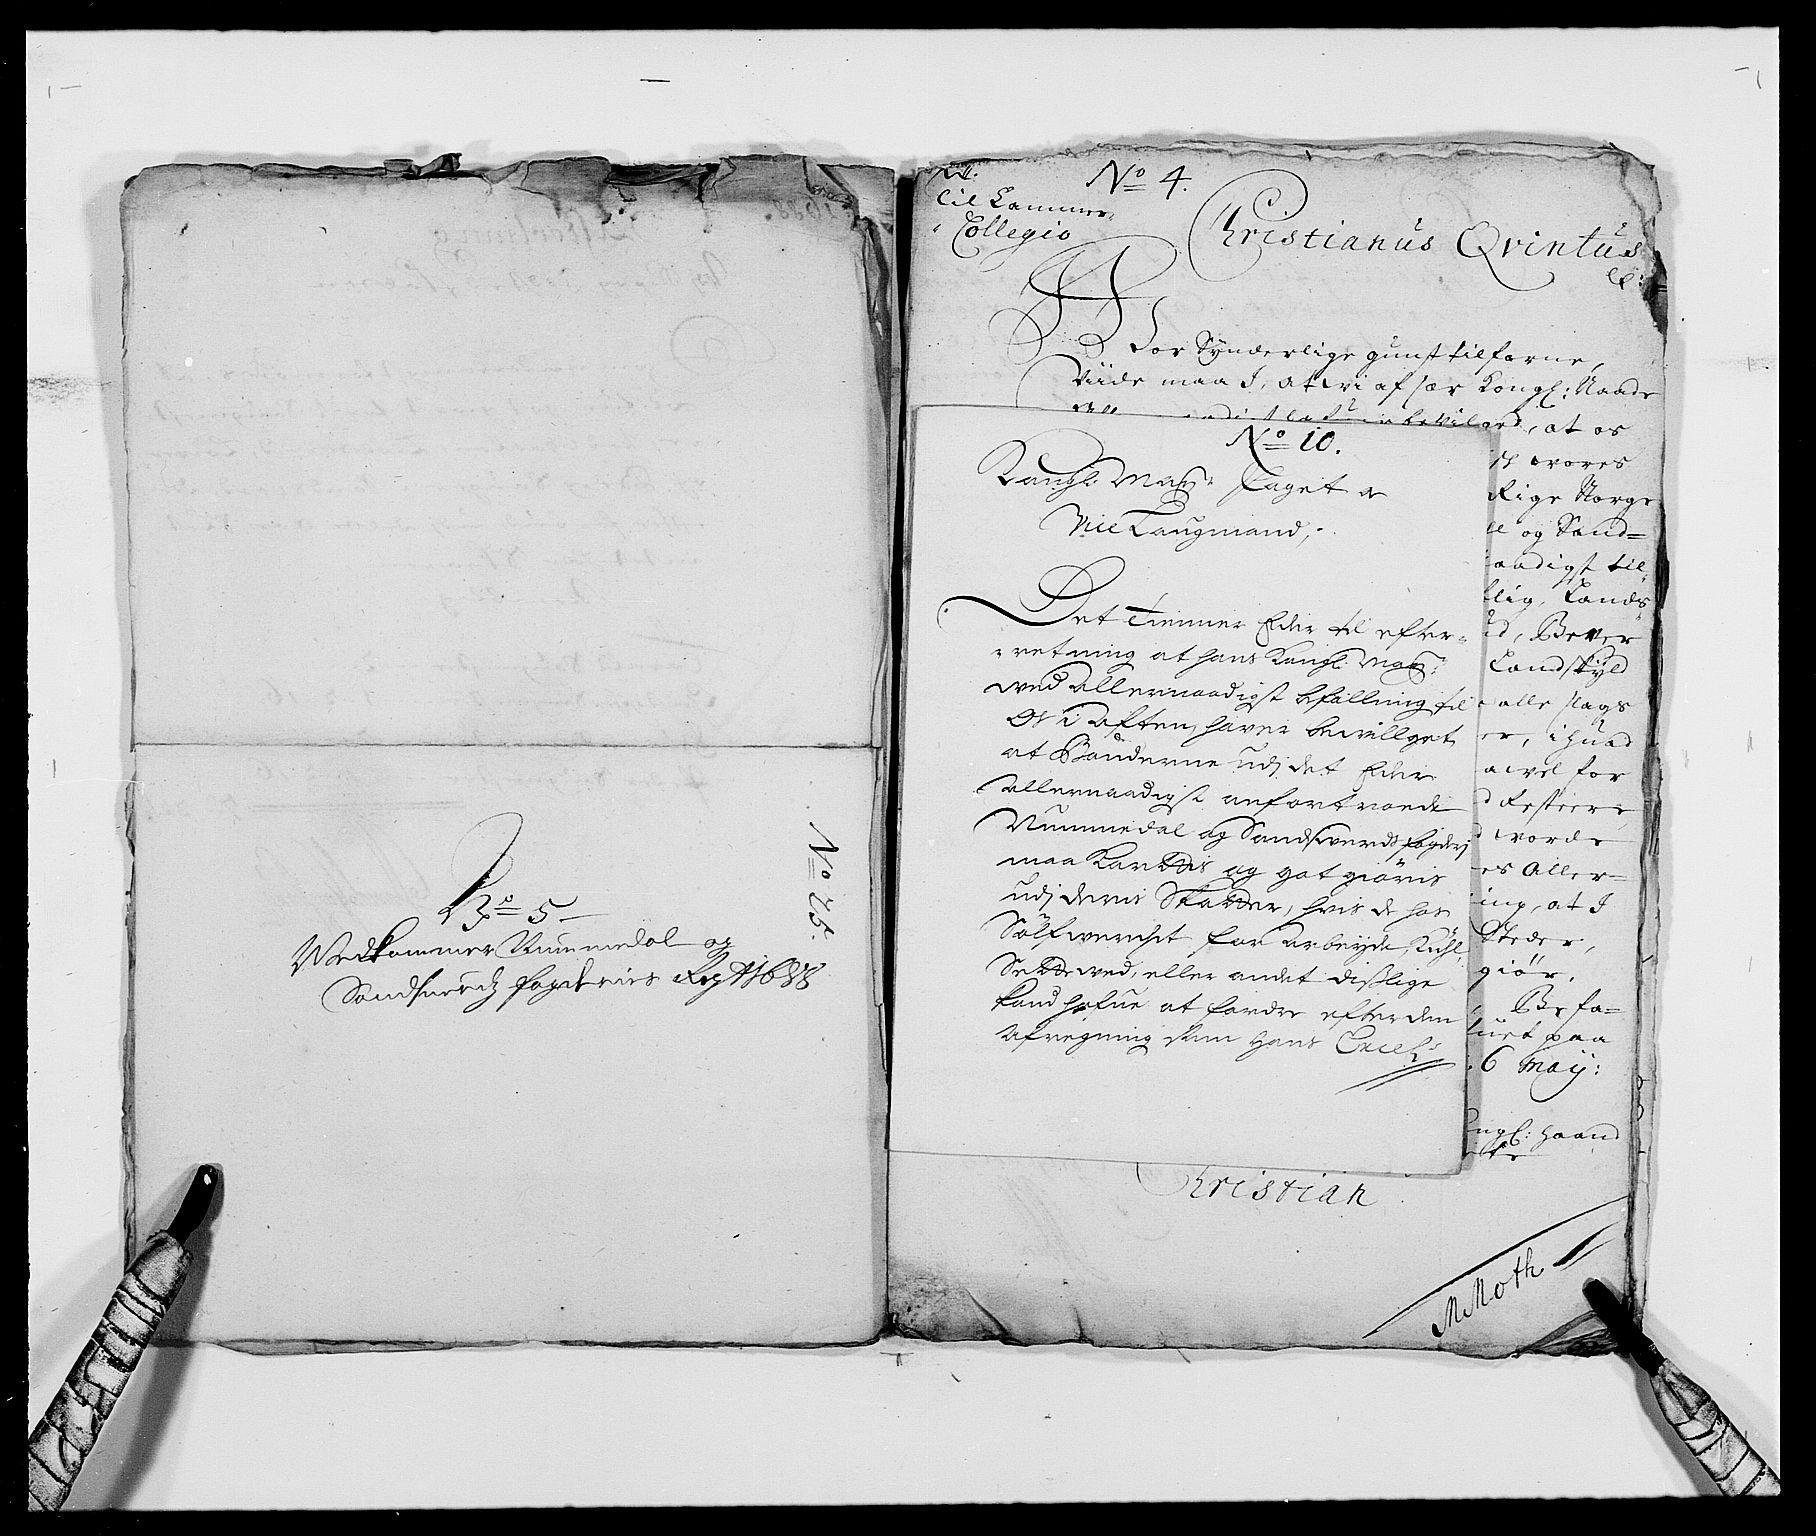 RA, Rentekammeret inntil 1814, Reviderte regnskaper, Fogderegnskap, R24/L1574: Fogderegnskap Numedal og Sandsvær, 1688-1691, s. 10